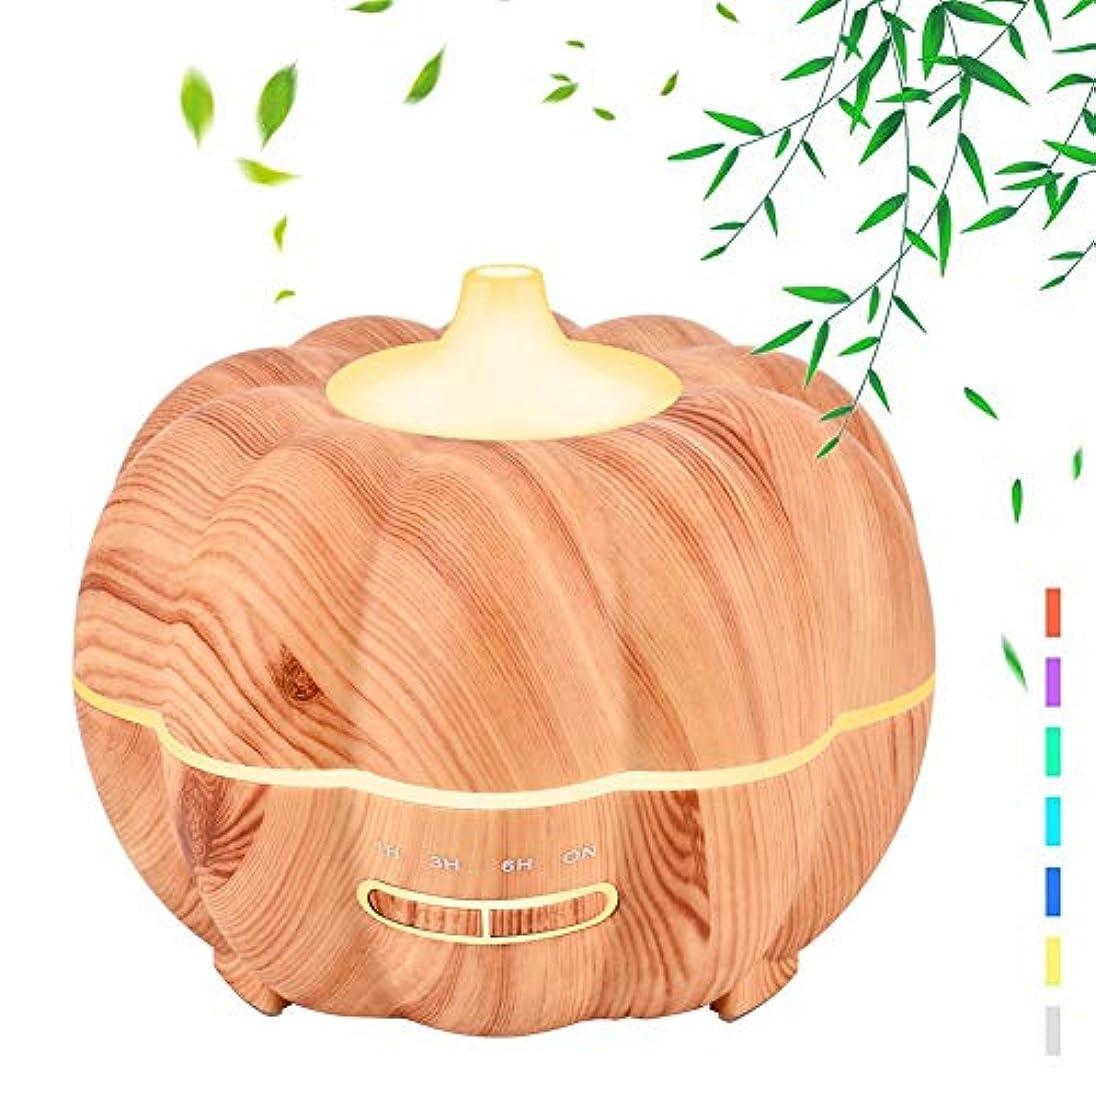 協定オーガニックインク300ミリリットル木材穀物エッセンシャルオイルディフューザー、加湿器超音波アロマセラピーアロマセラピーディフューザー加湿器、静かな操作、7色フレグランスランプ、ホームオフィス用ヨガスパ,Lightwoodgrain